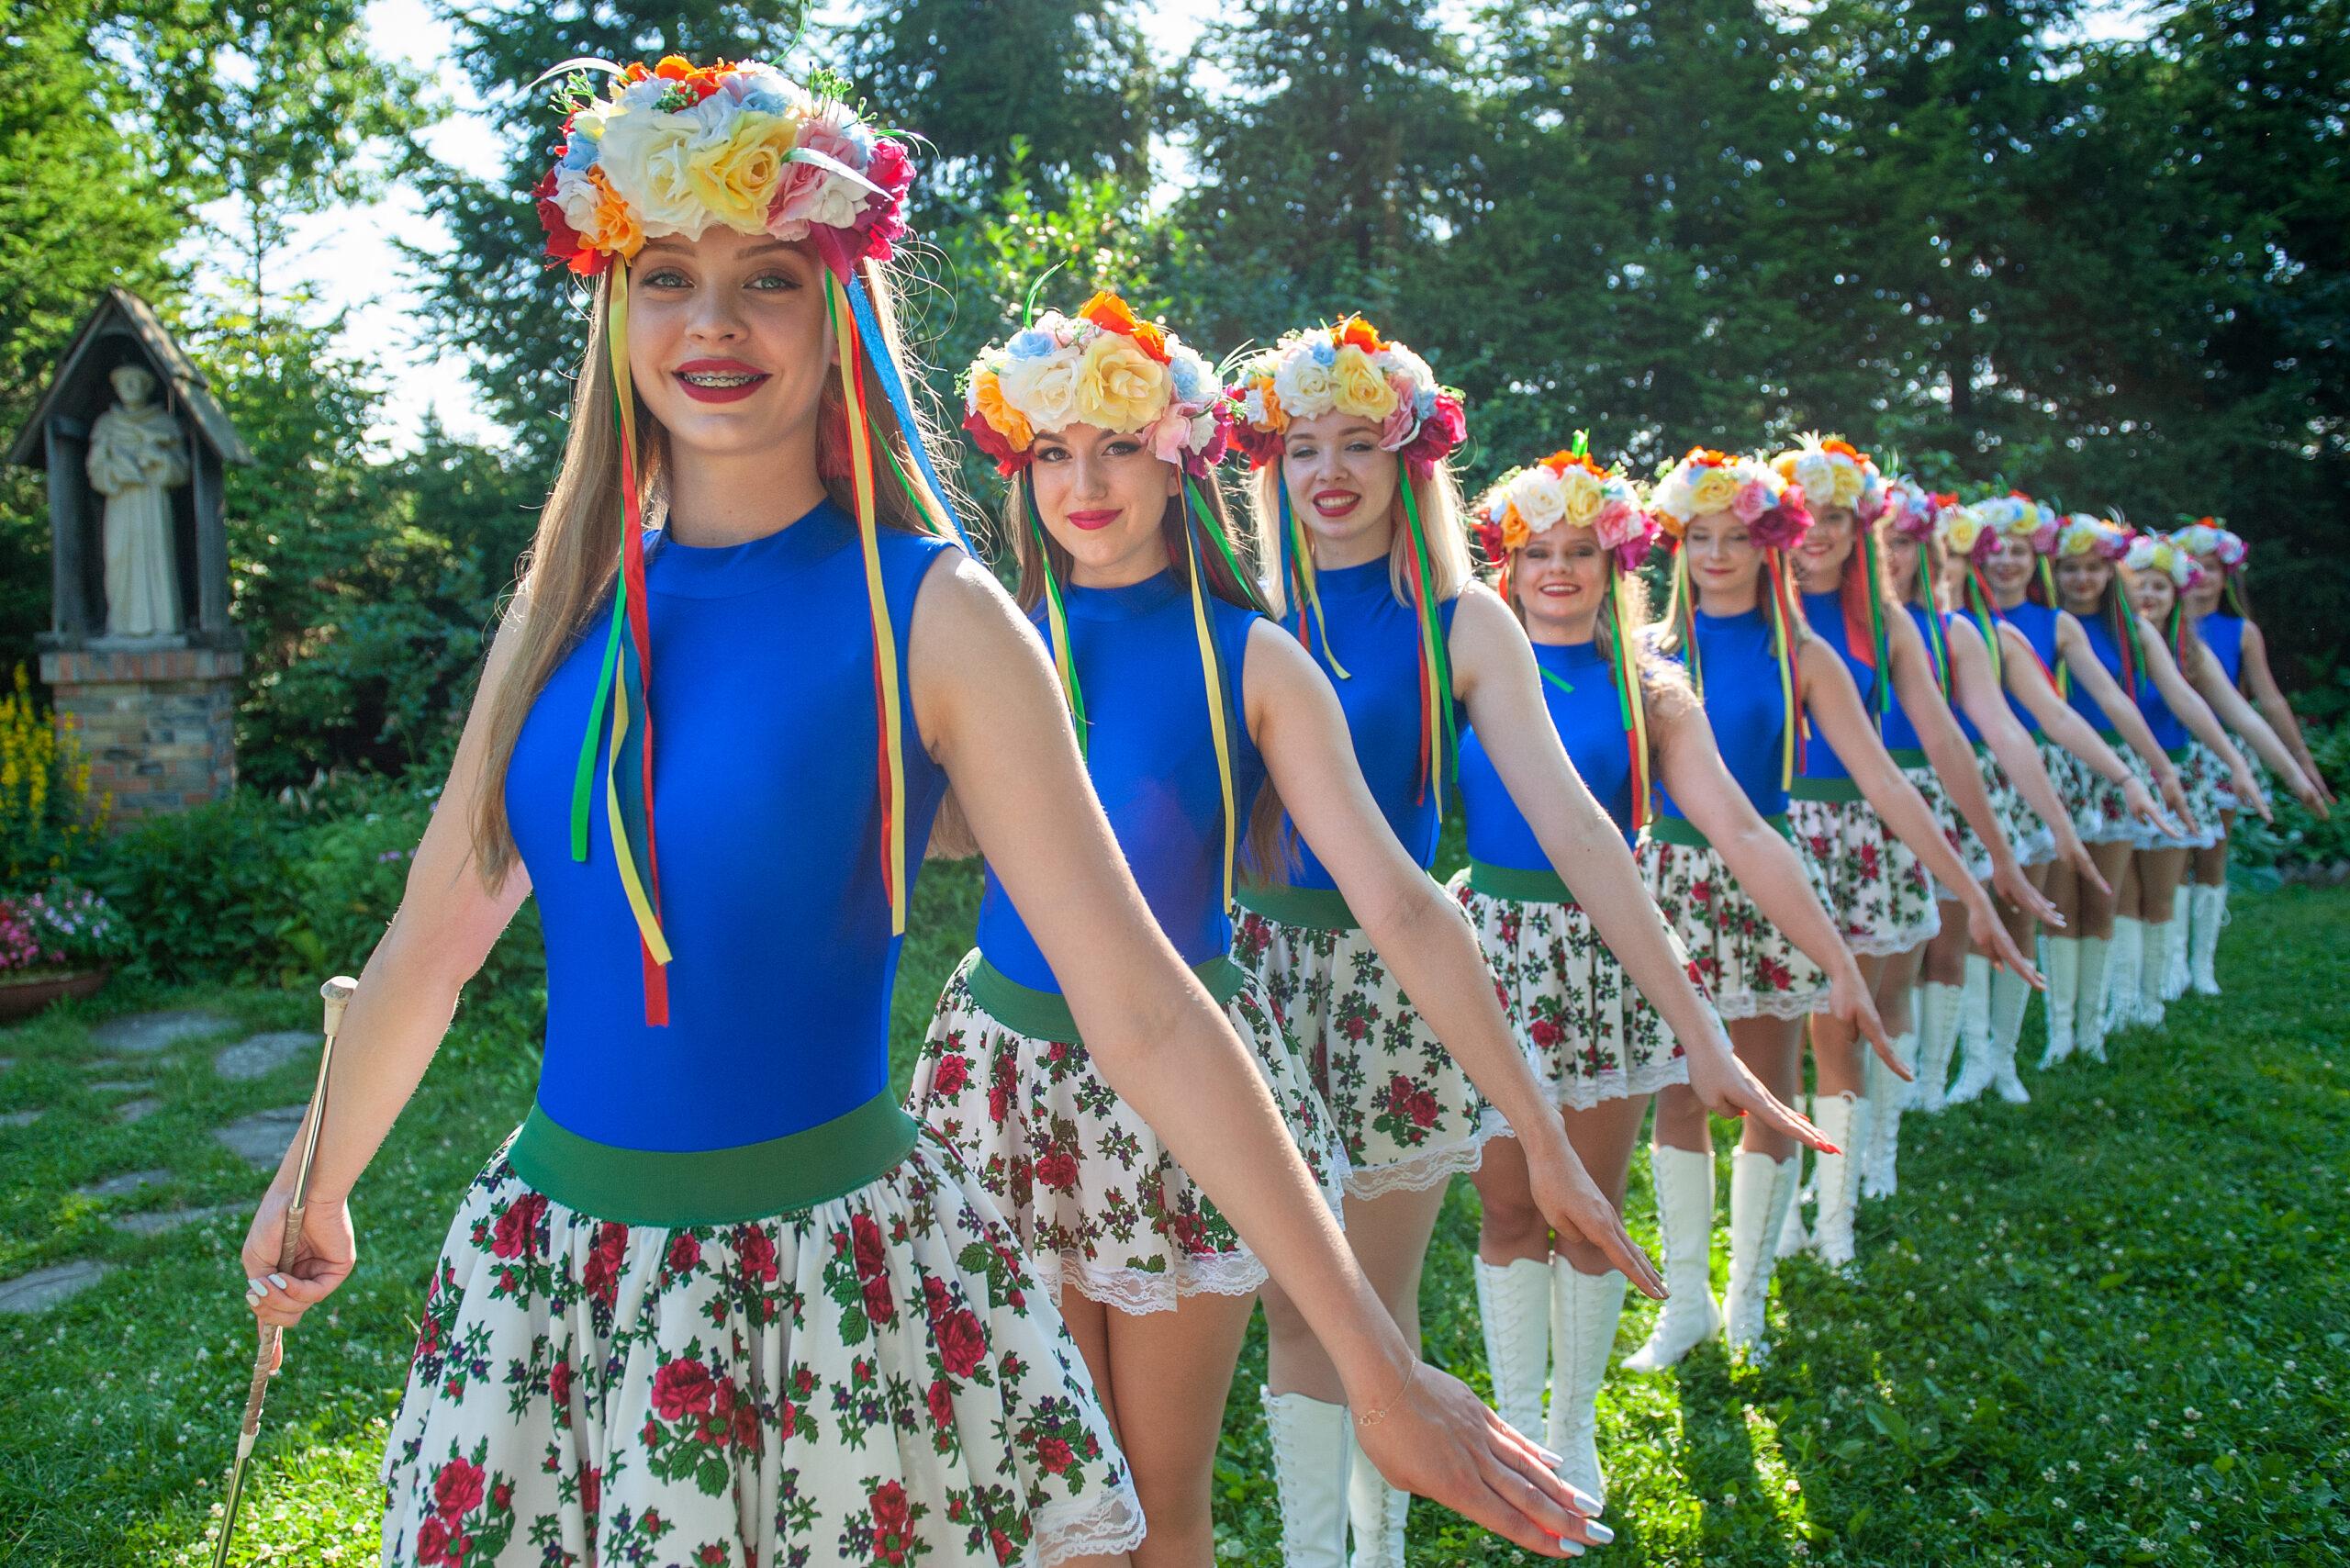 Grupa dziewczyn - mażoretek ustawionych jedna za drugą